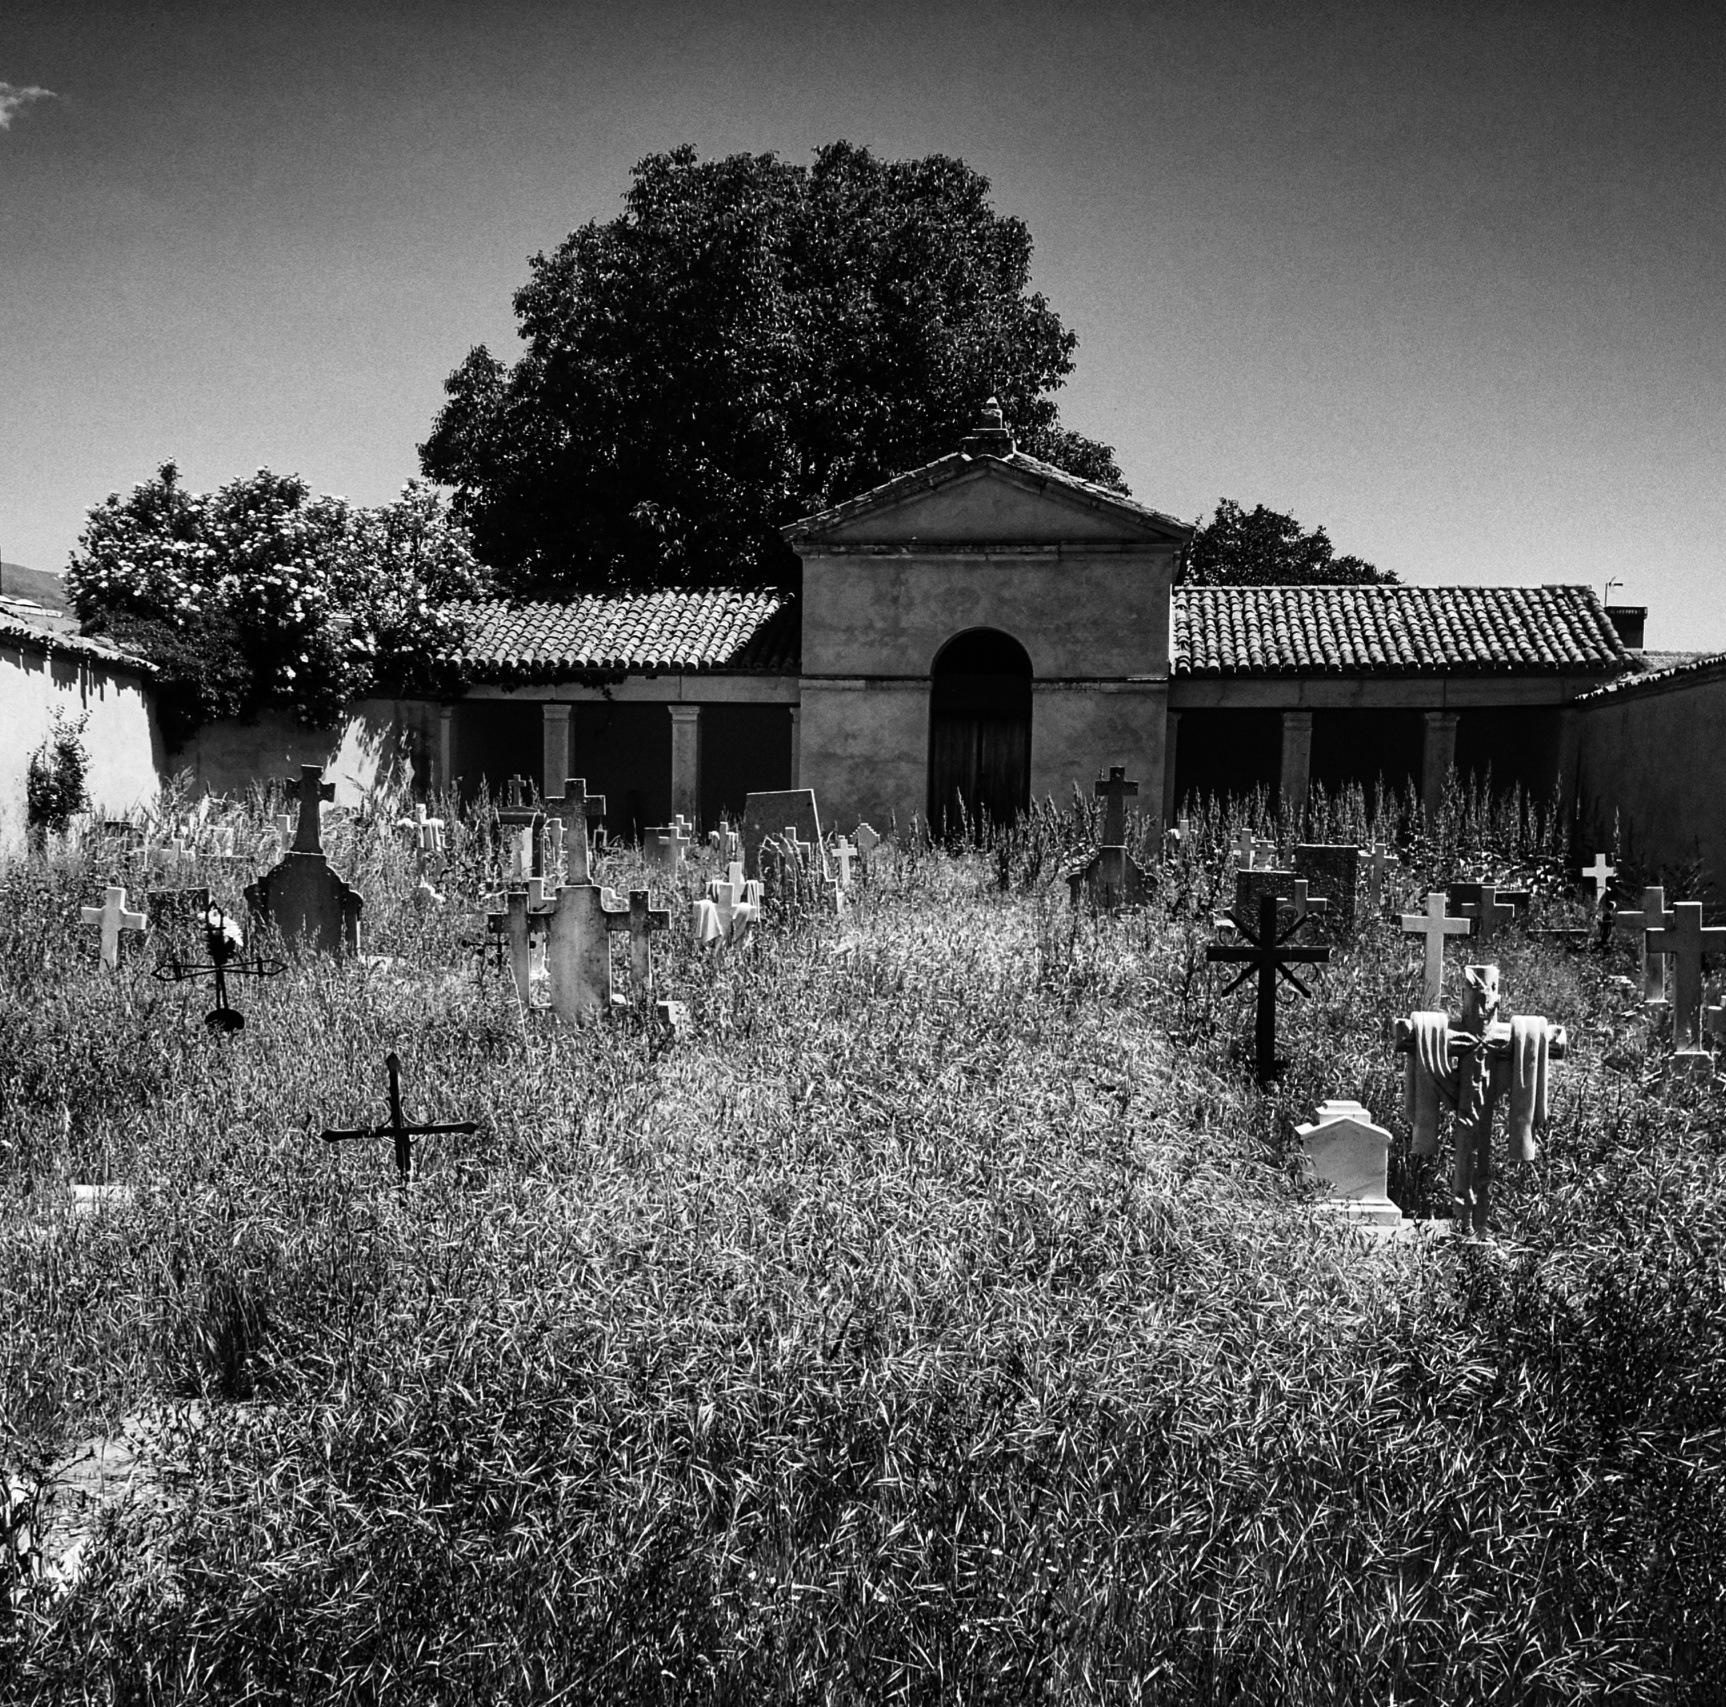 cementerio  by Malatesta70